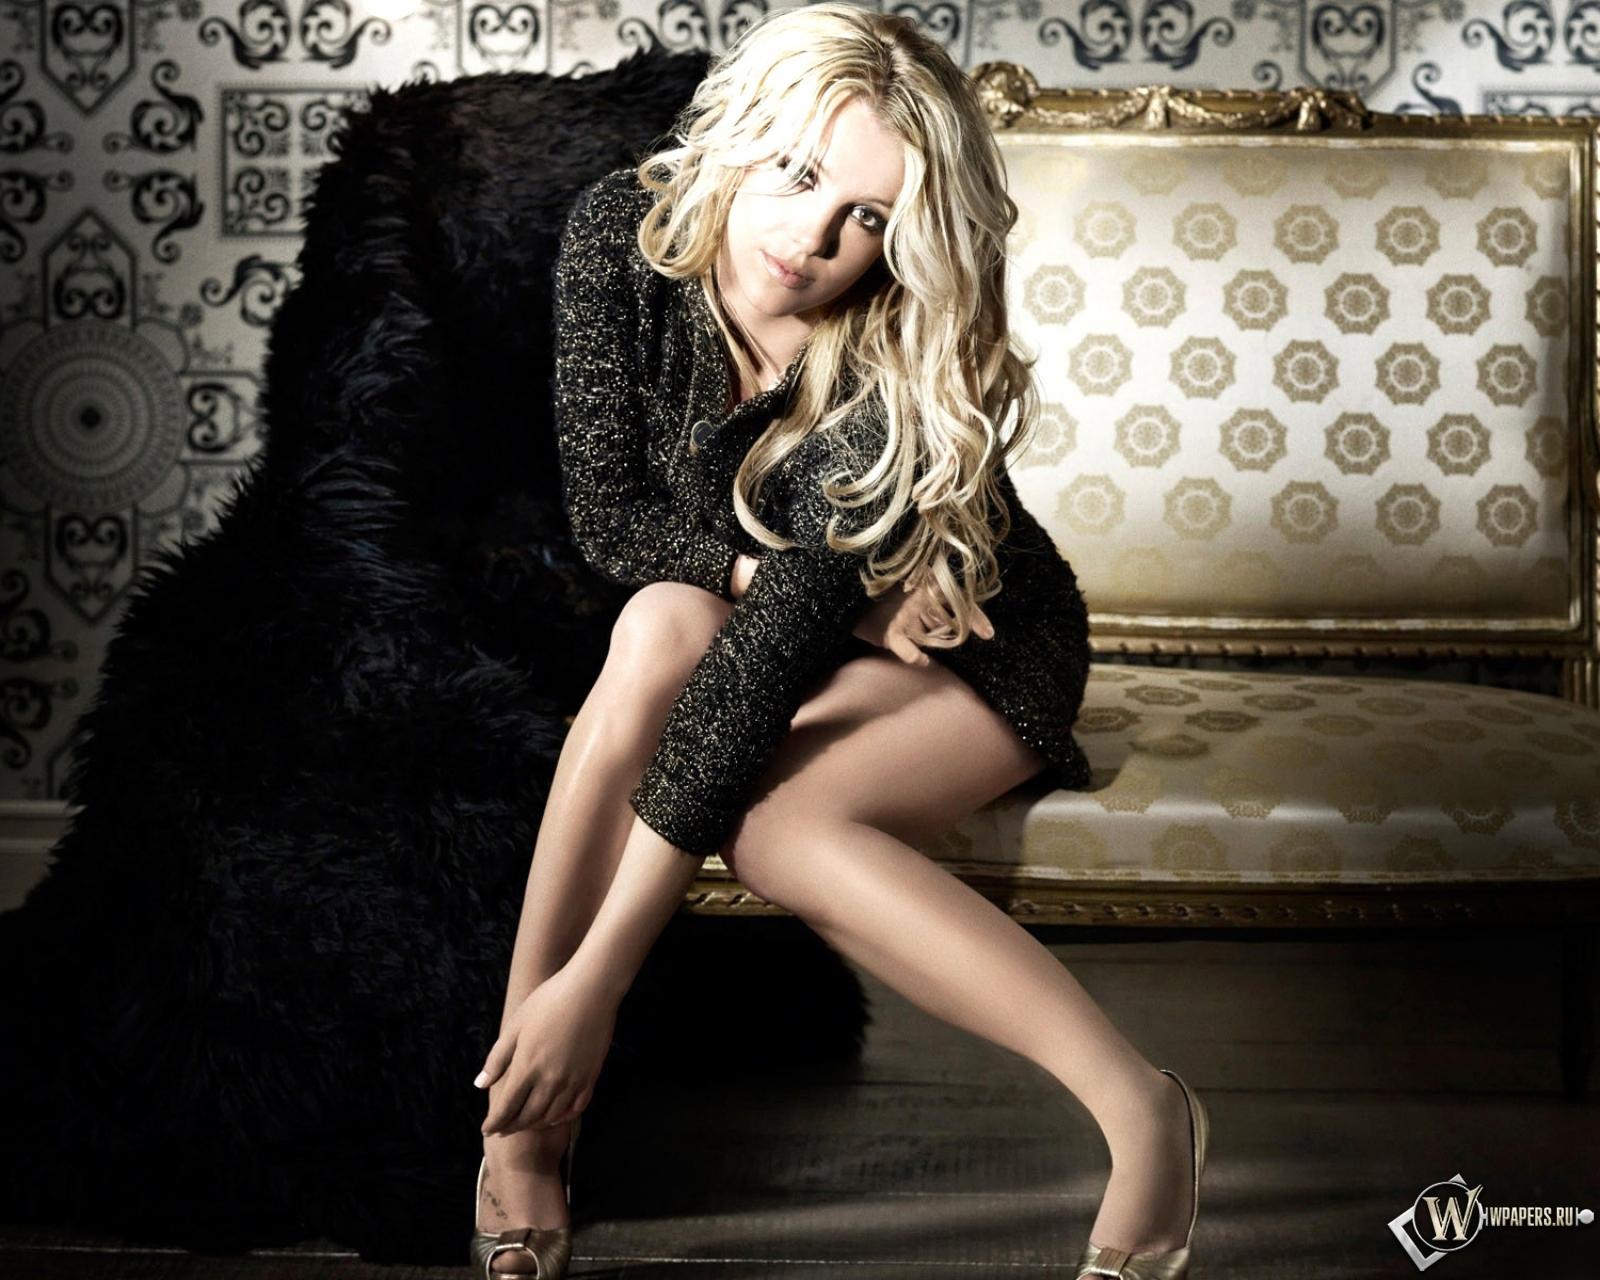 Роковые блондинки смотреть онлайн 15 фотография